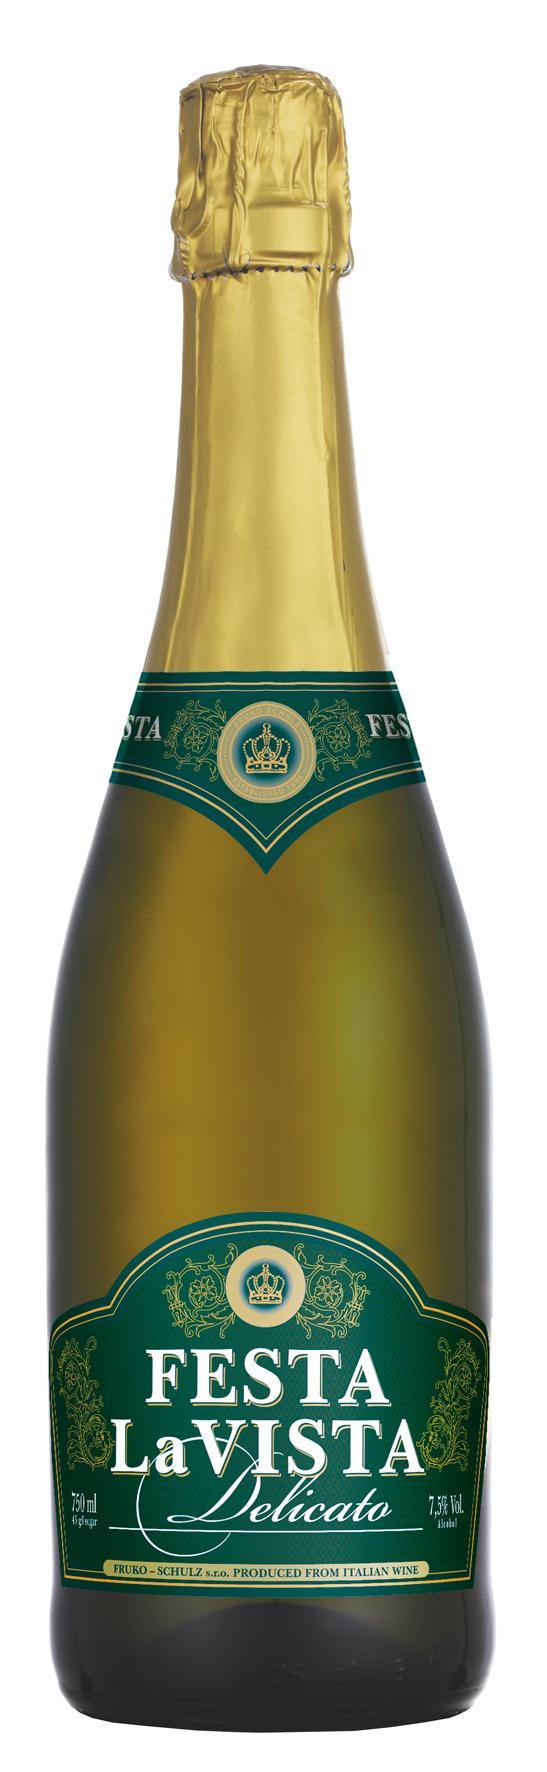 Напиток винный газированный «Феста ла Виста Деликато», Россия